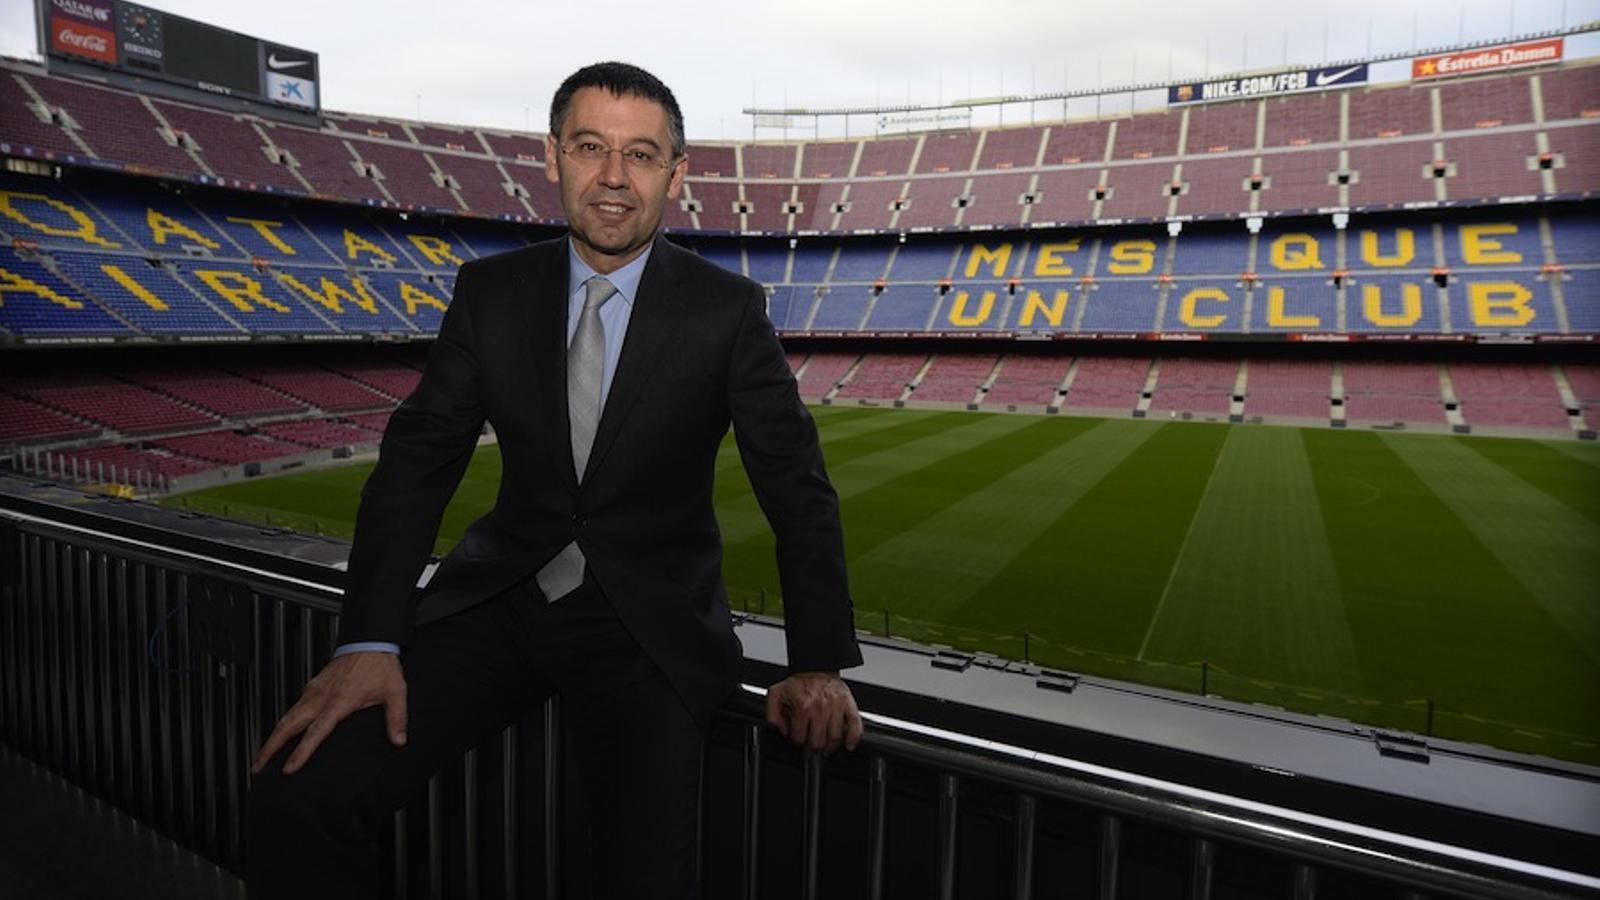 Josep Maria Bartomeu, president del Barça, al Camp Nou / LLUÍS GENÉ / AFP PHOTO